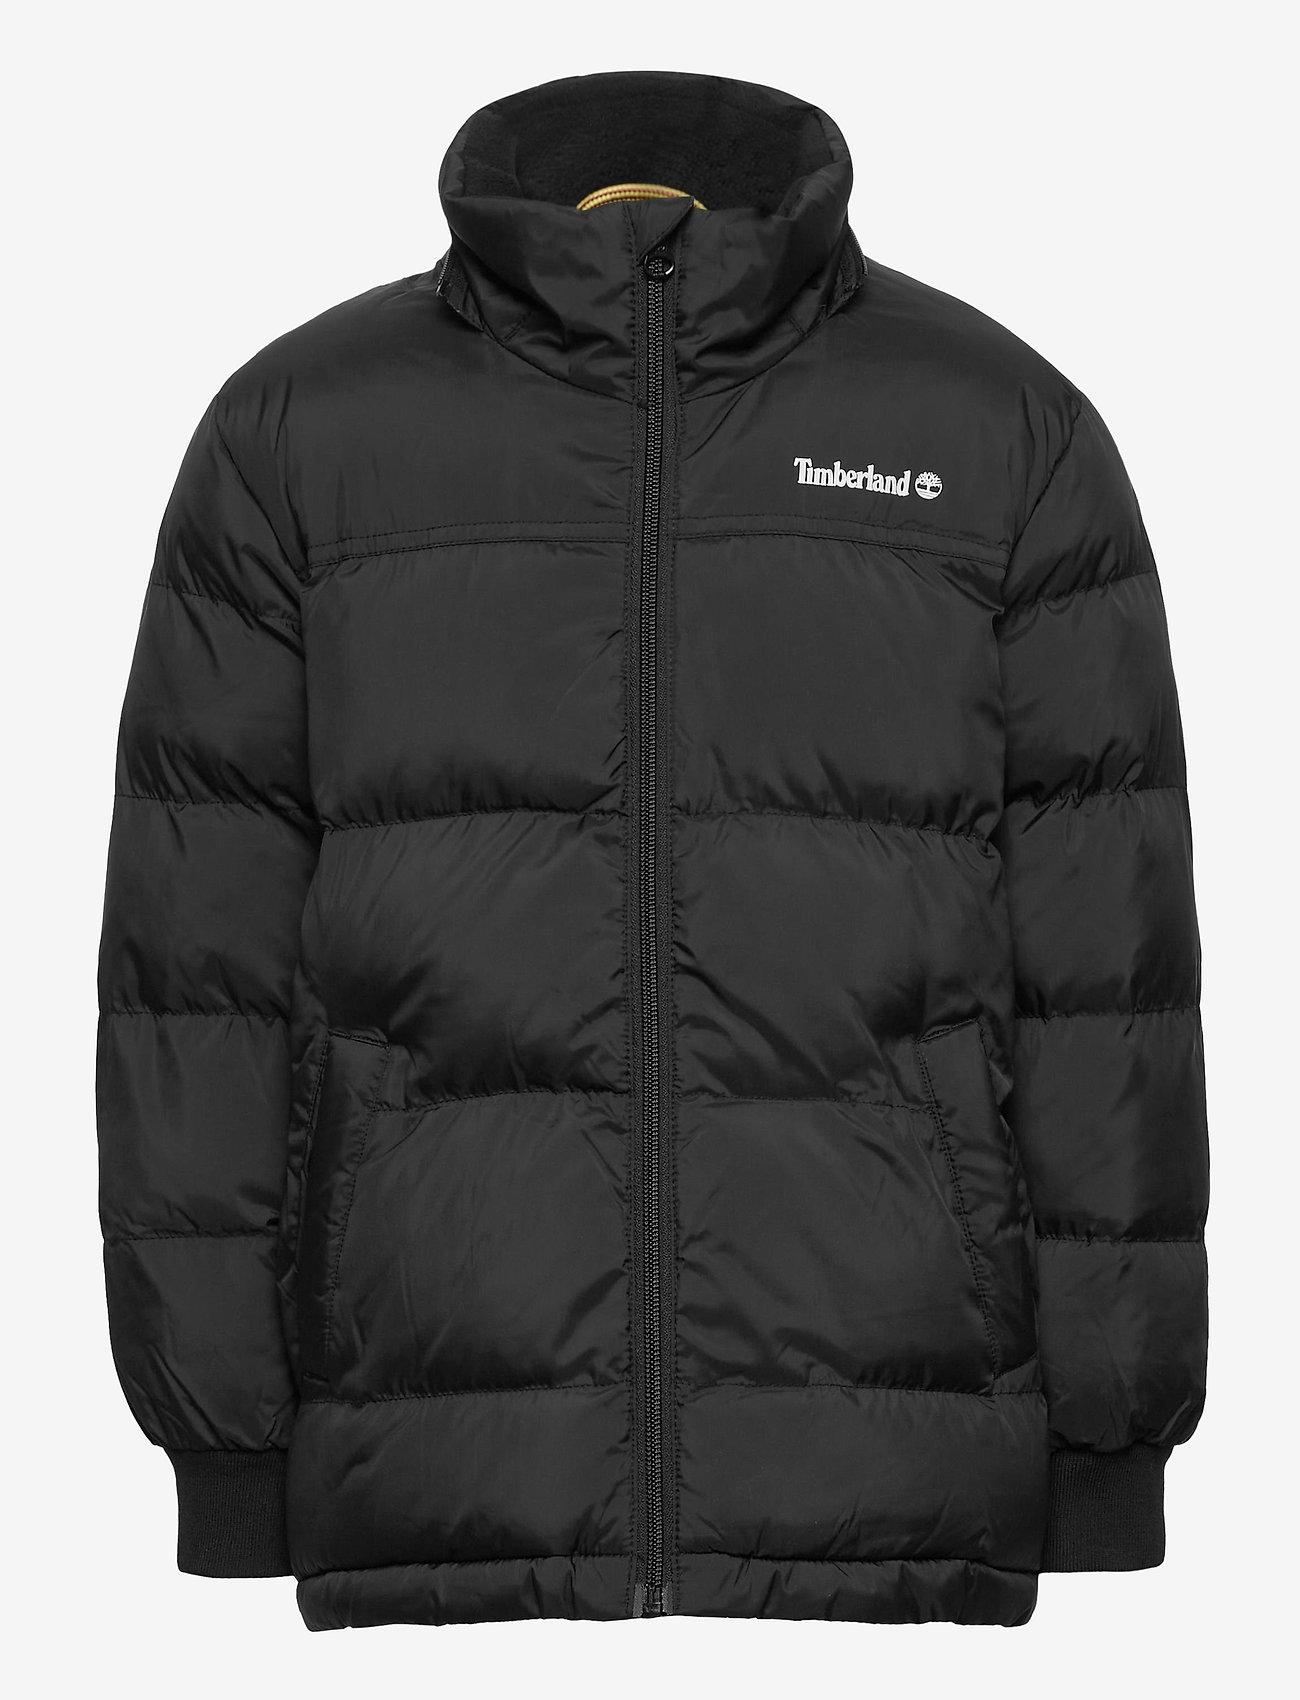 Timberland - PUFFER JACKET - puffer & padded - black - 1